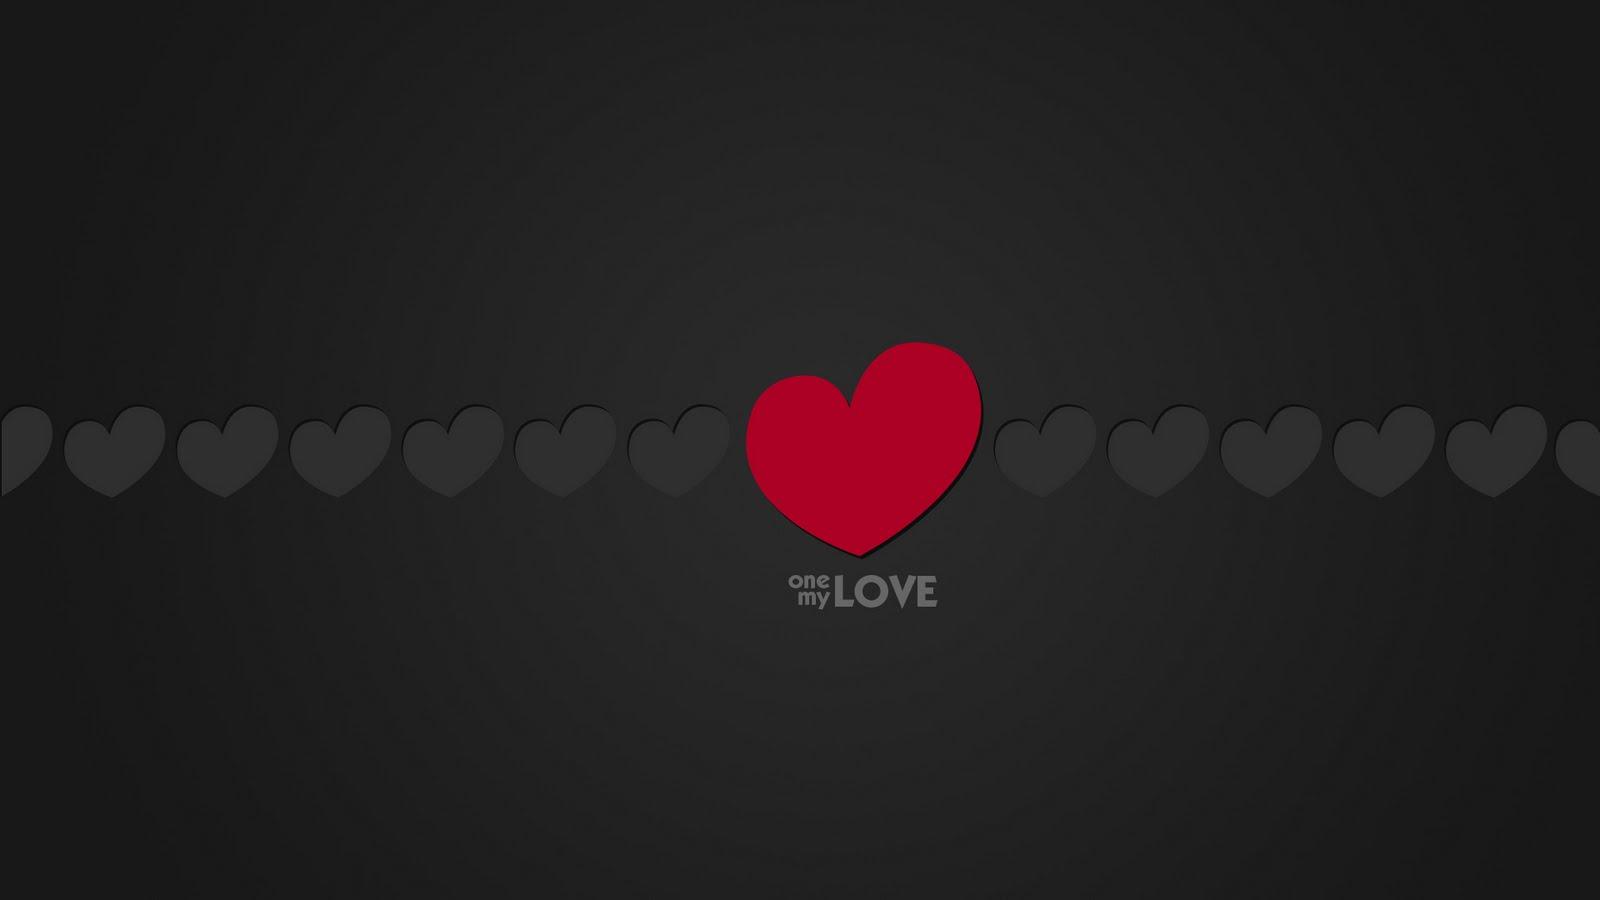 http://3.bp.blogspot.com/-uMzK4RpnliI/TkwcfkKSpxI/AAAAAAAAHWE/HBz_ntzp7aw/s1600/w000057.jpg